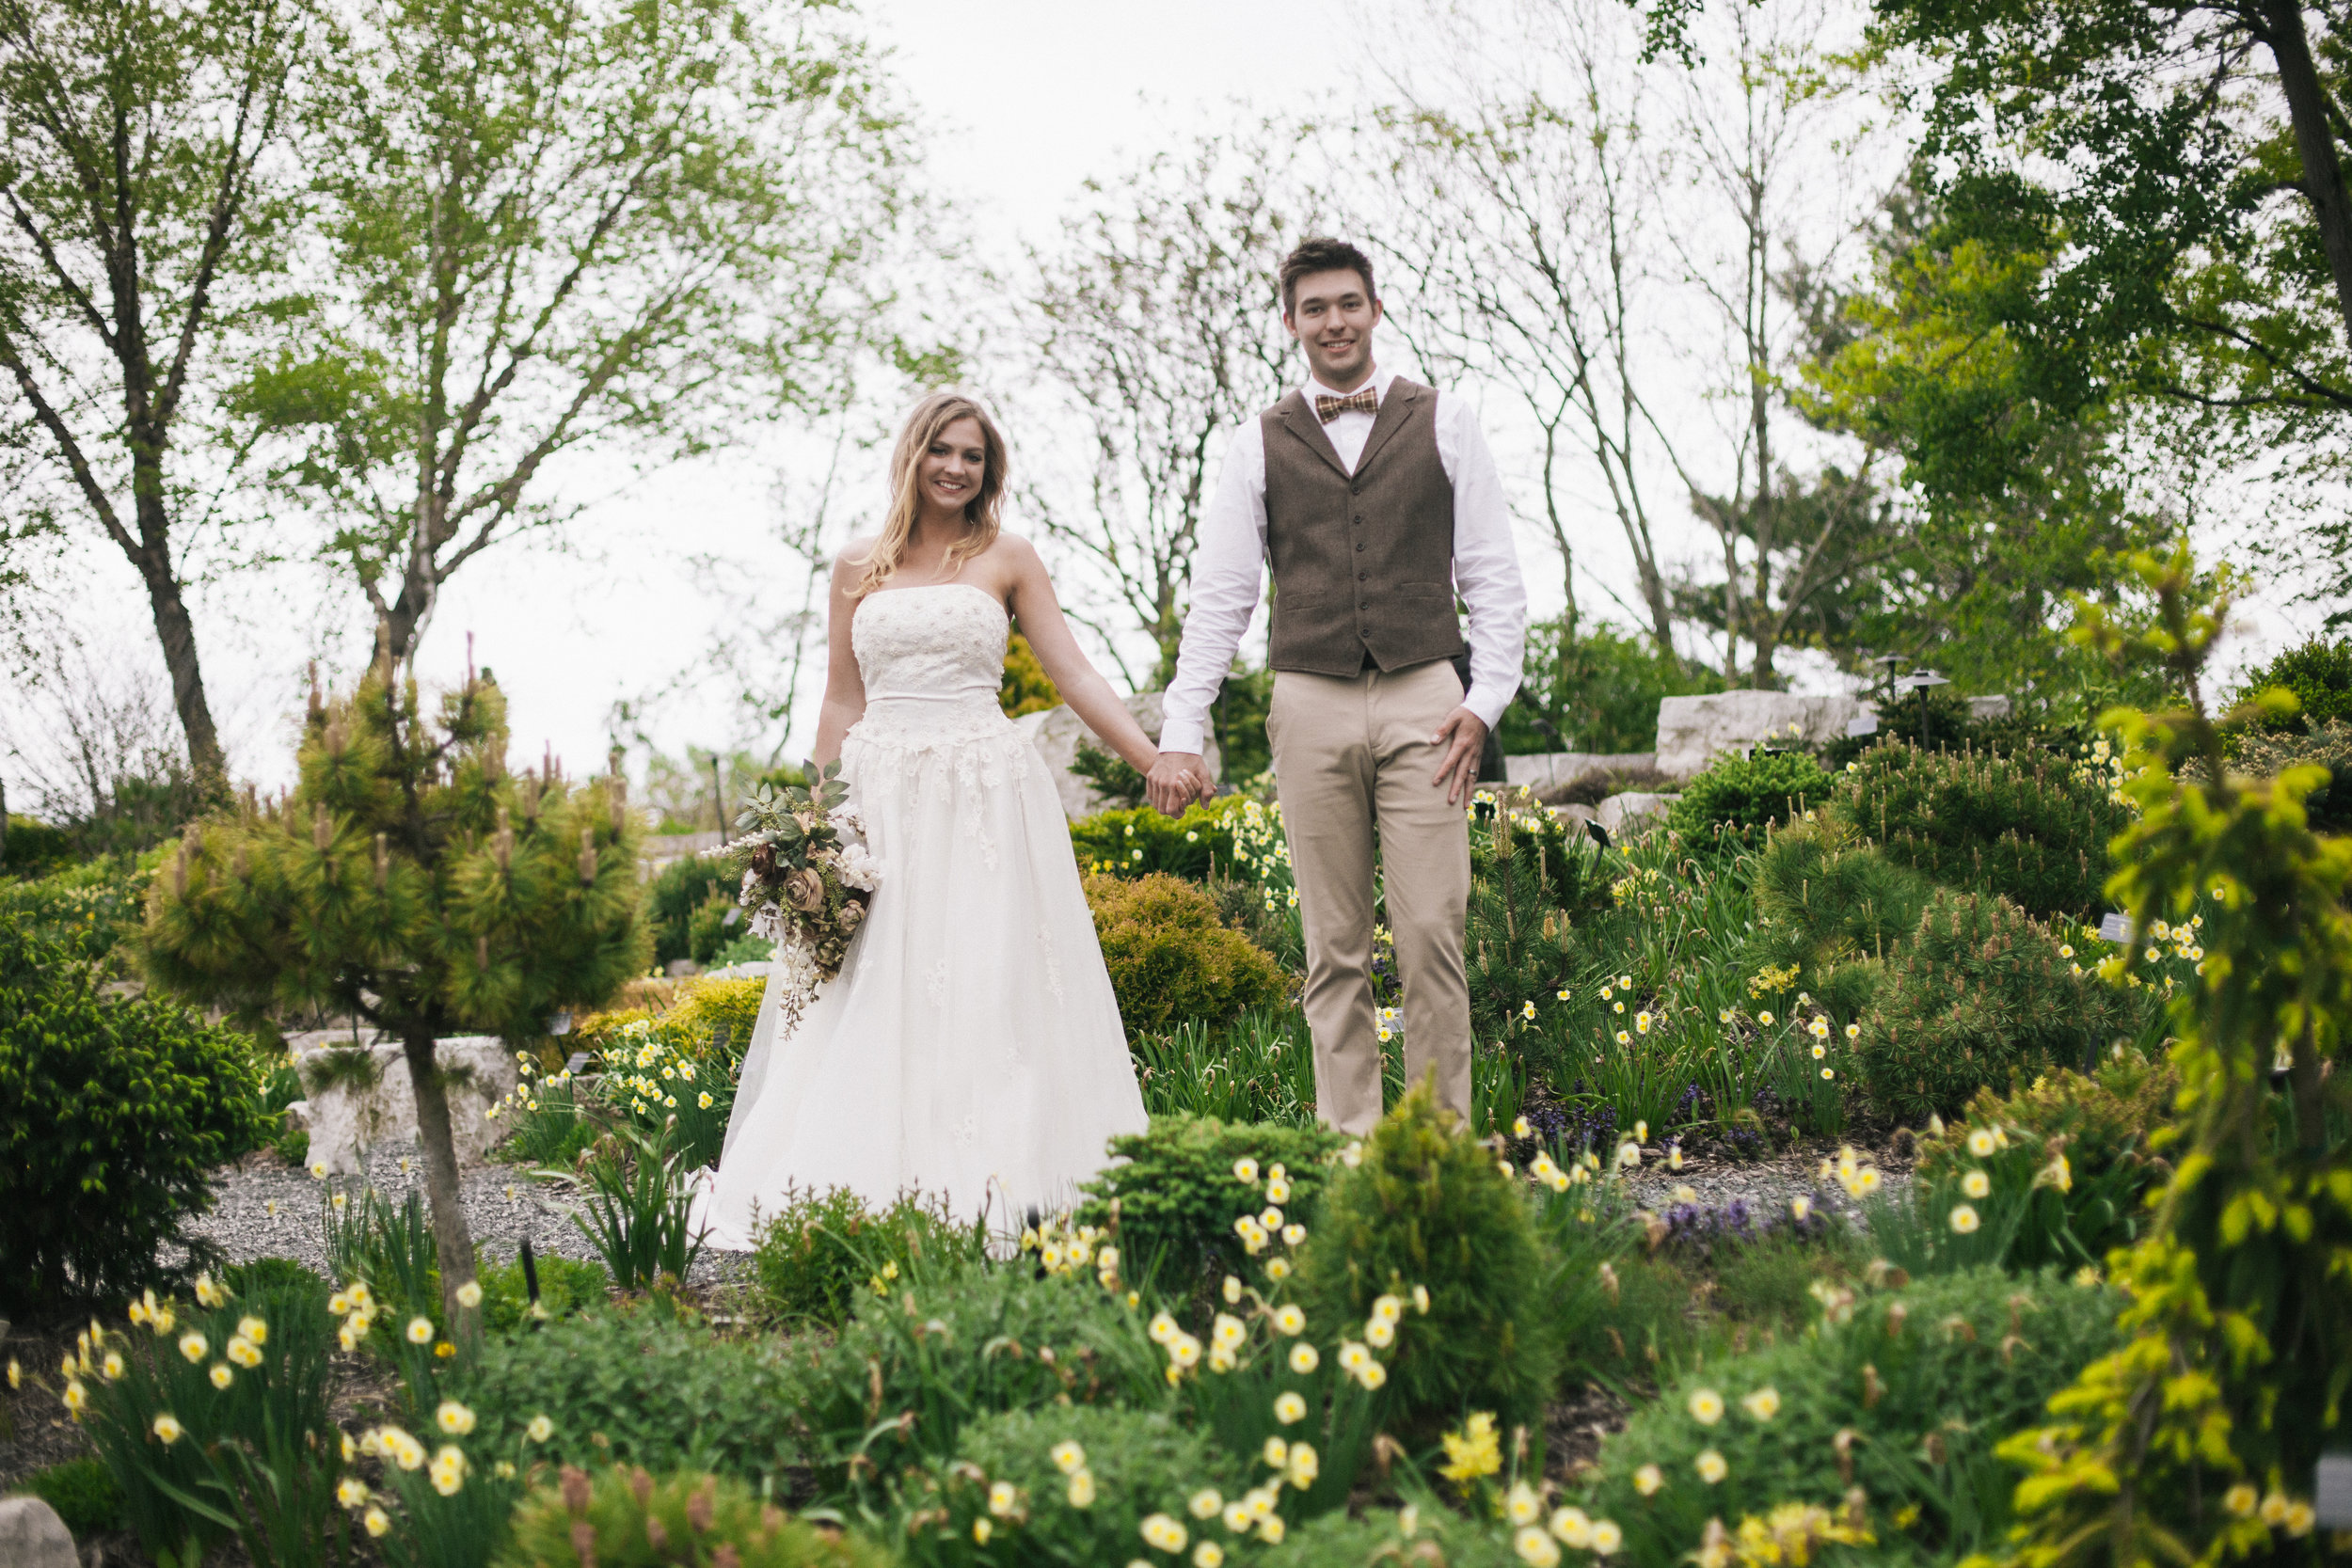 Hannah+Matt_BridalSession-104.jpg